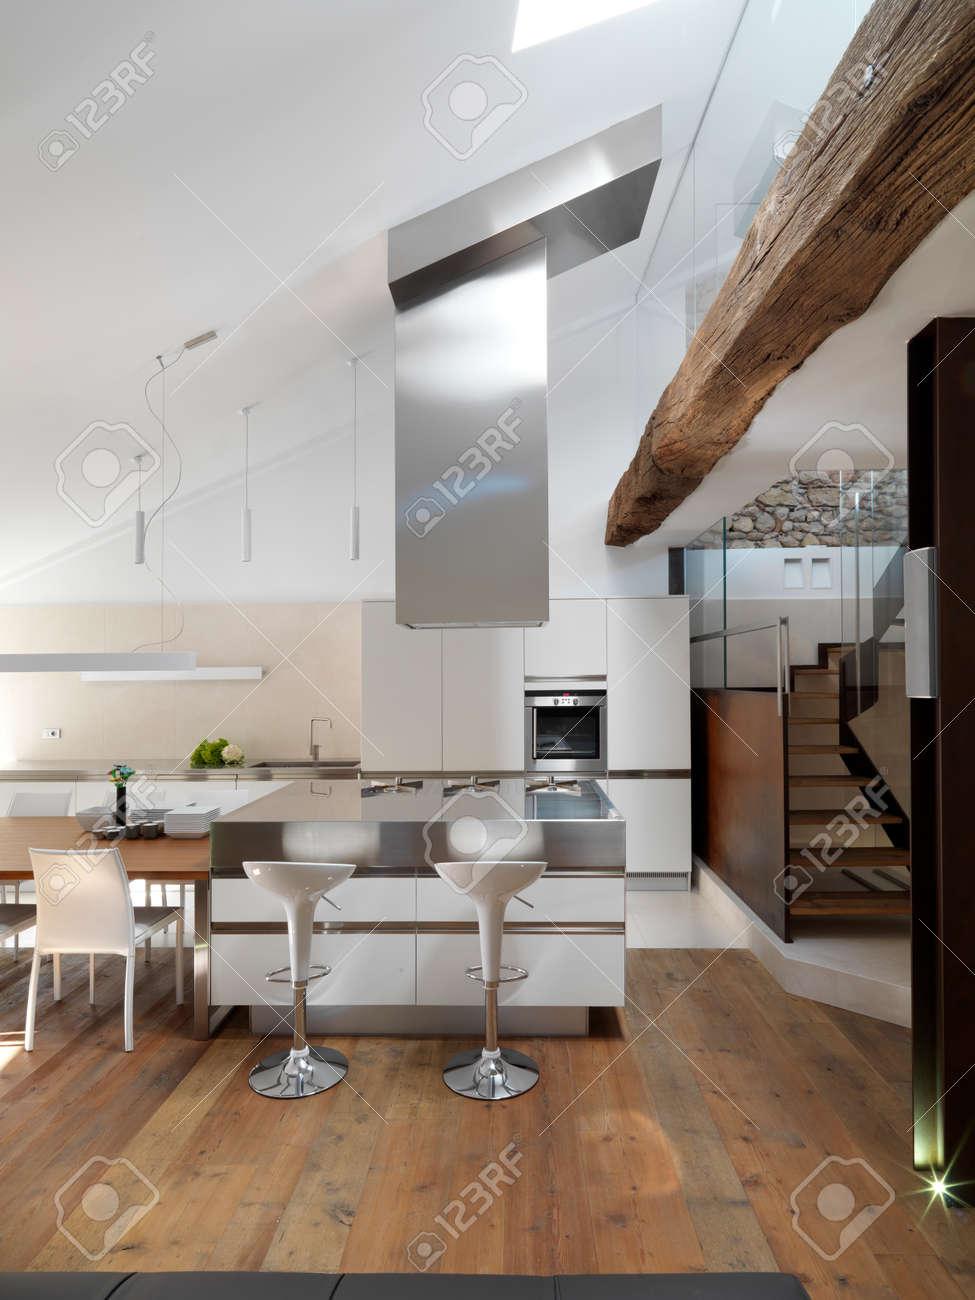 Aussicht Der Insel Moderne Küche Mit Holzboden In Der Nähe In Der  Penthouse Treppe Standard